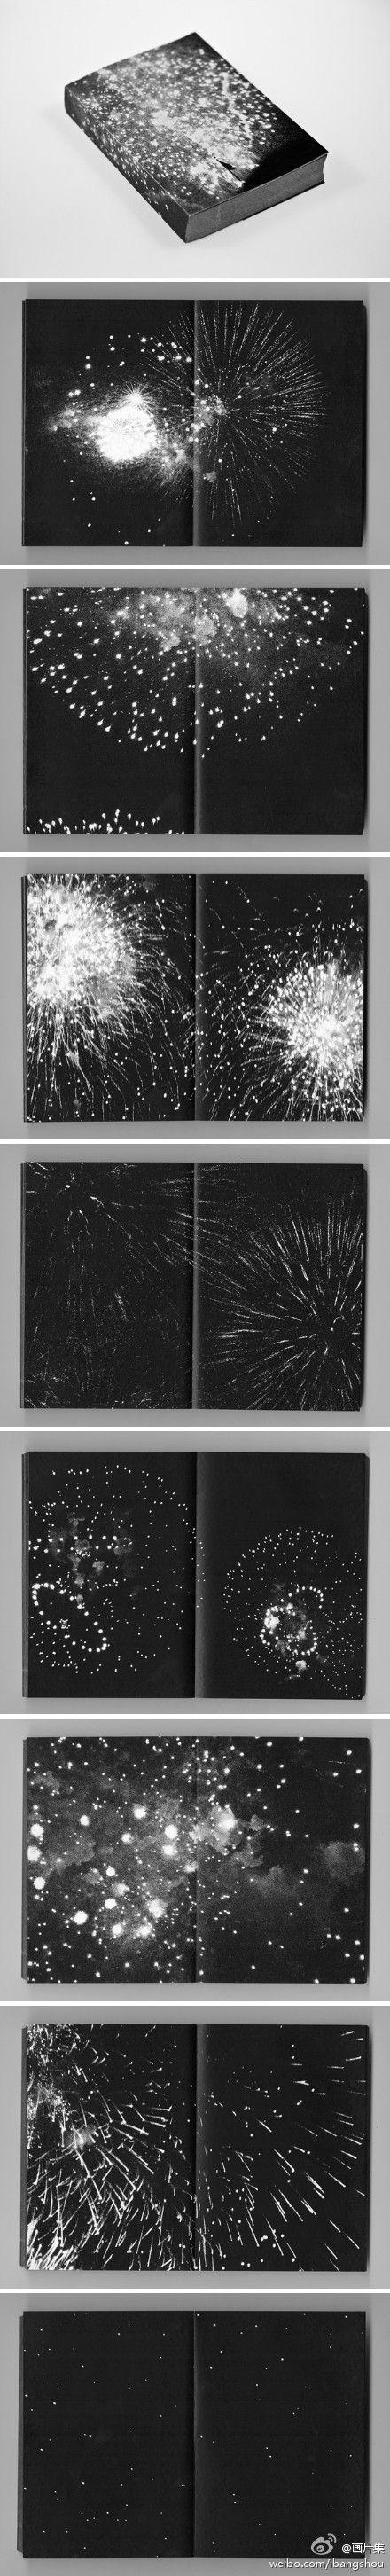 花火。一本非常特别的关于焰火划破夜空瞬间的摄影集。作者: pierre le hors